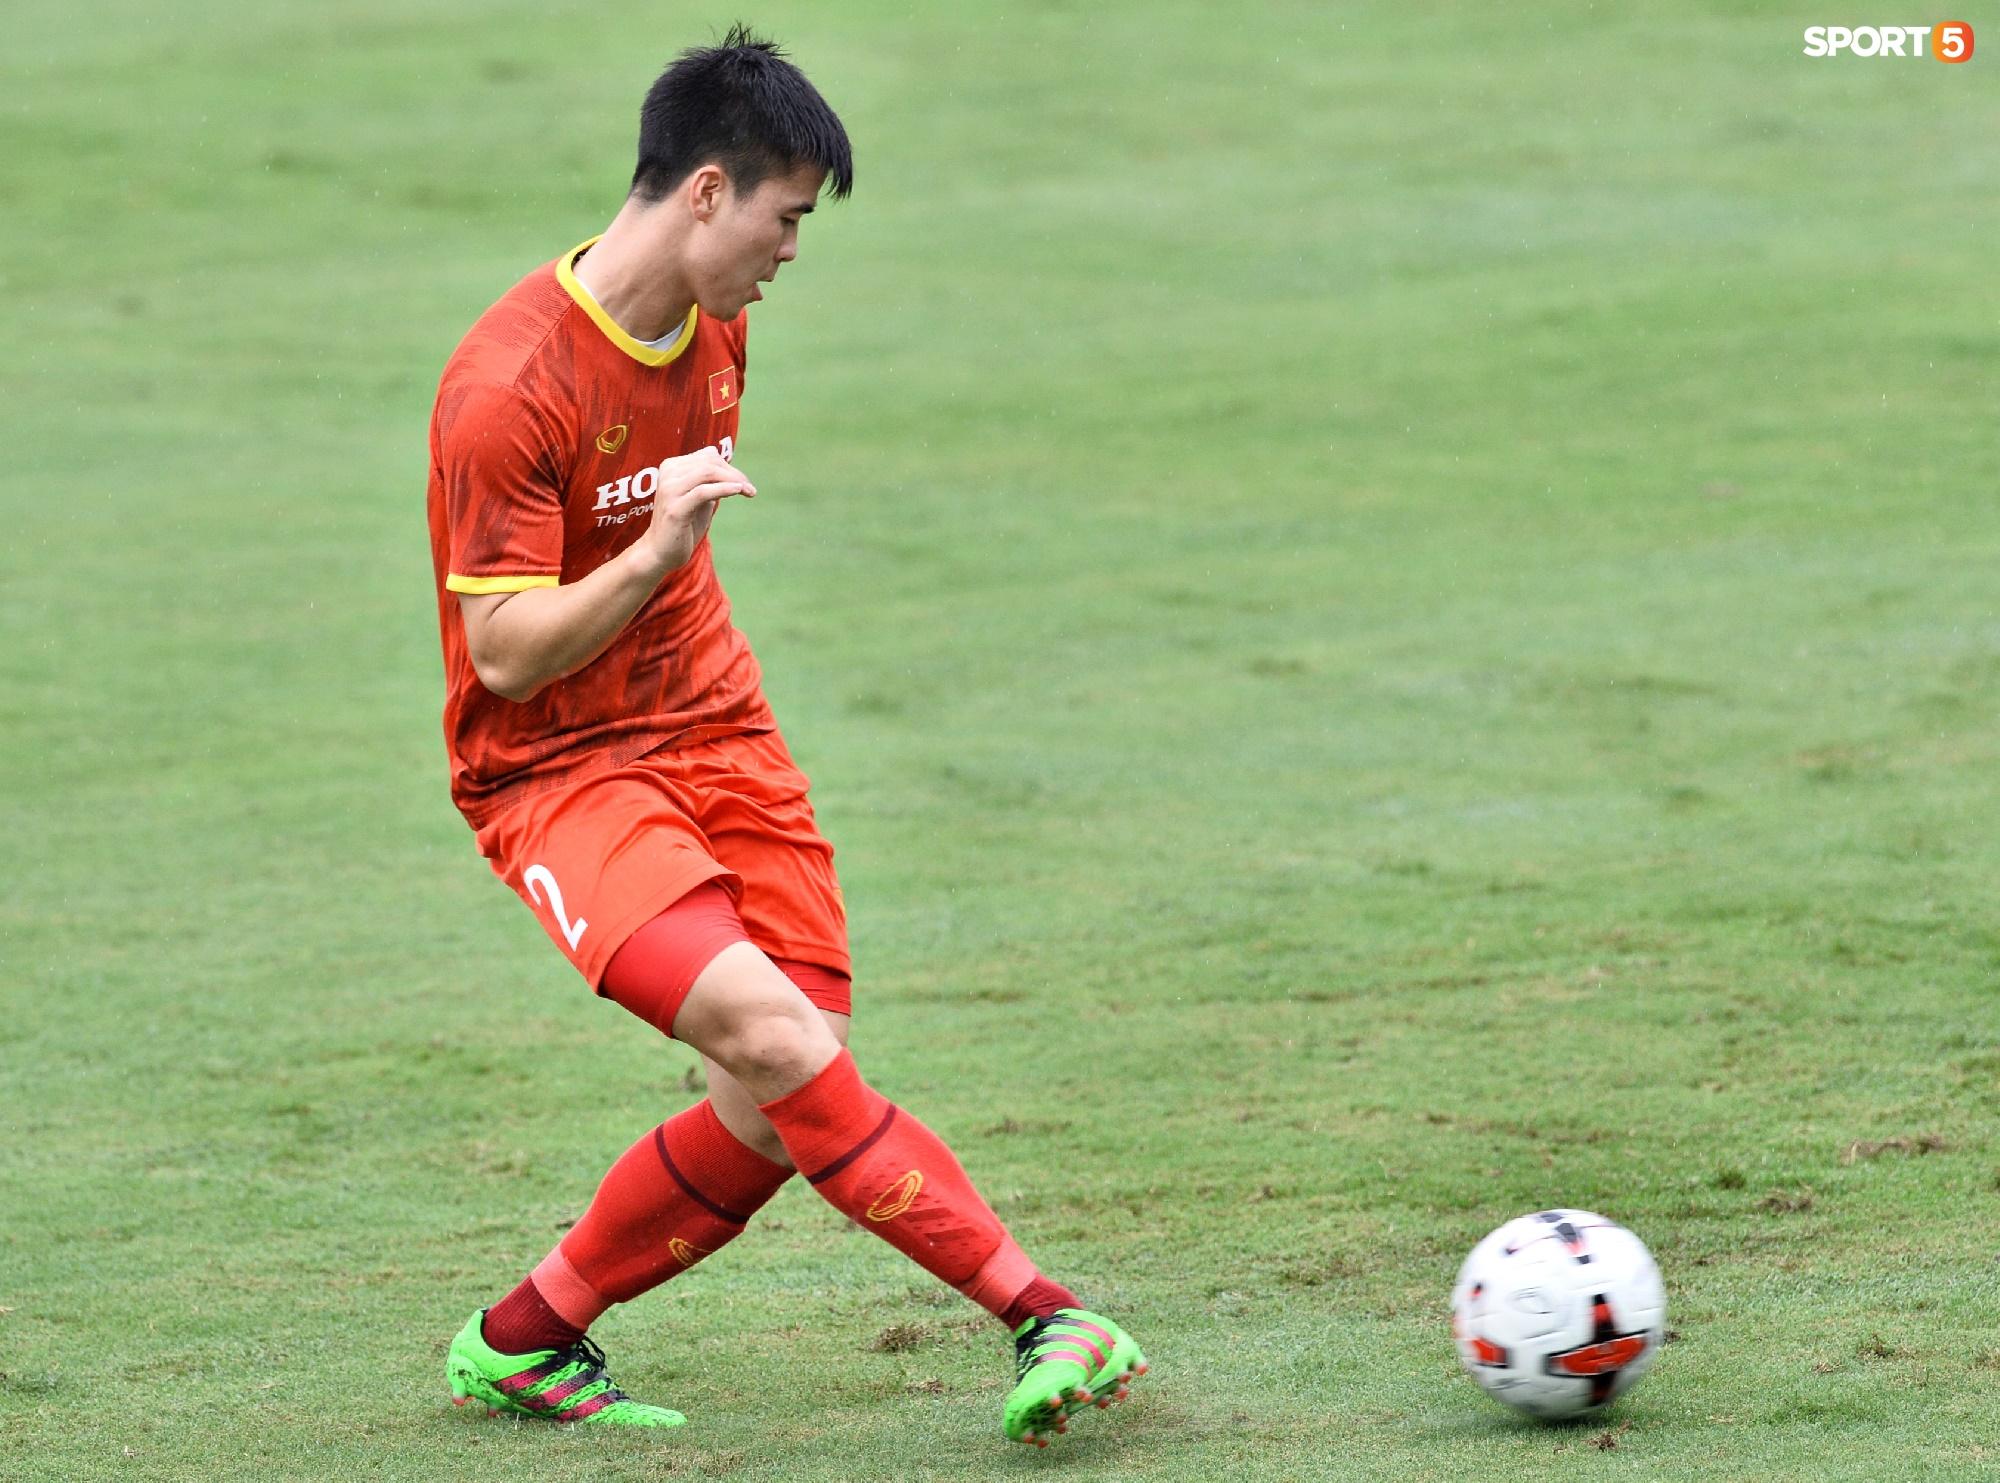 Chuyên gia 9x của CLB Hà Nội bất ngờ thị sát đội tuyển Việt Nam tập luyện - Ảnh 8.